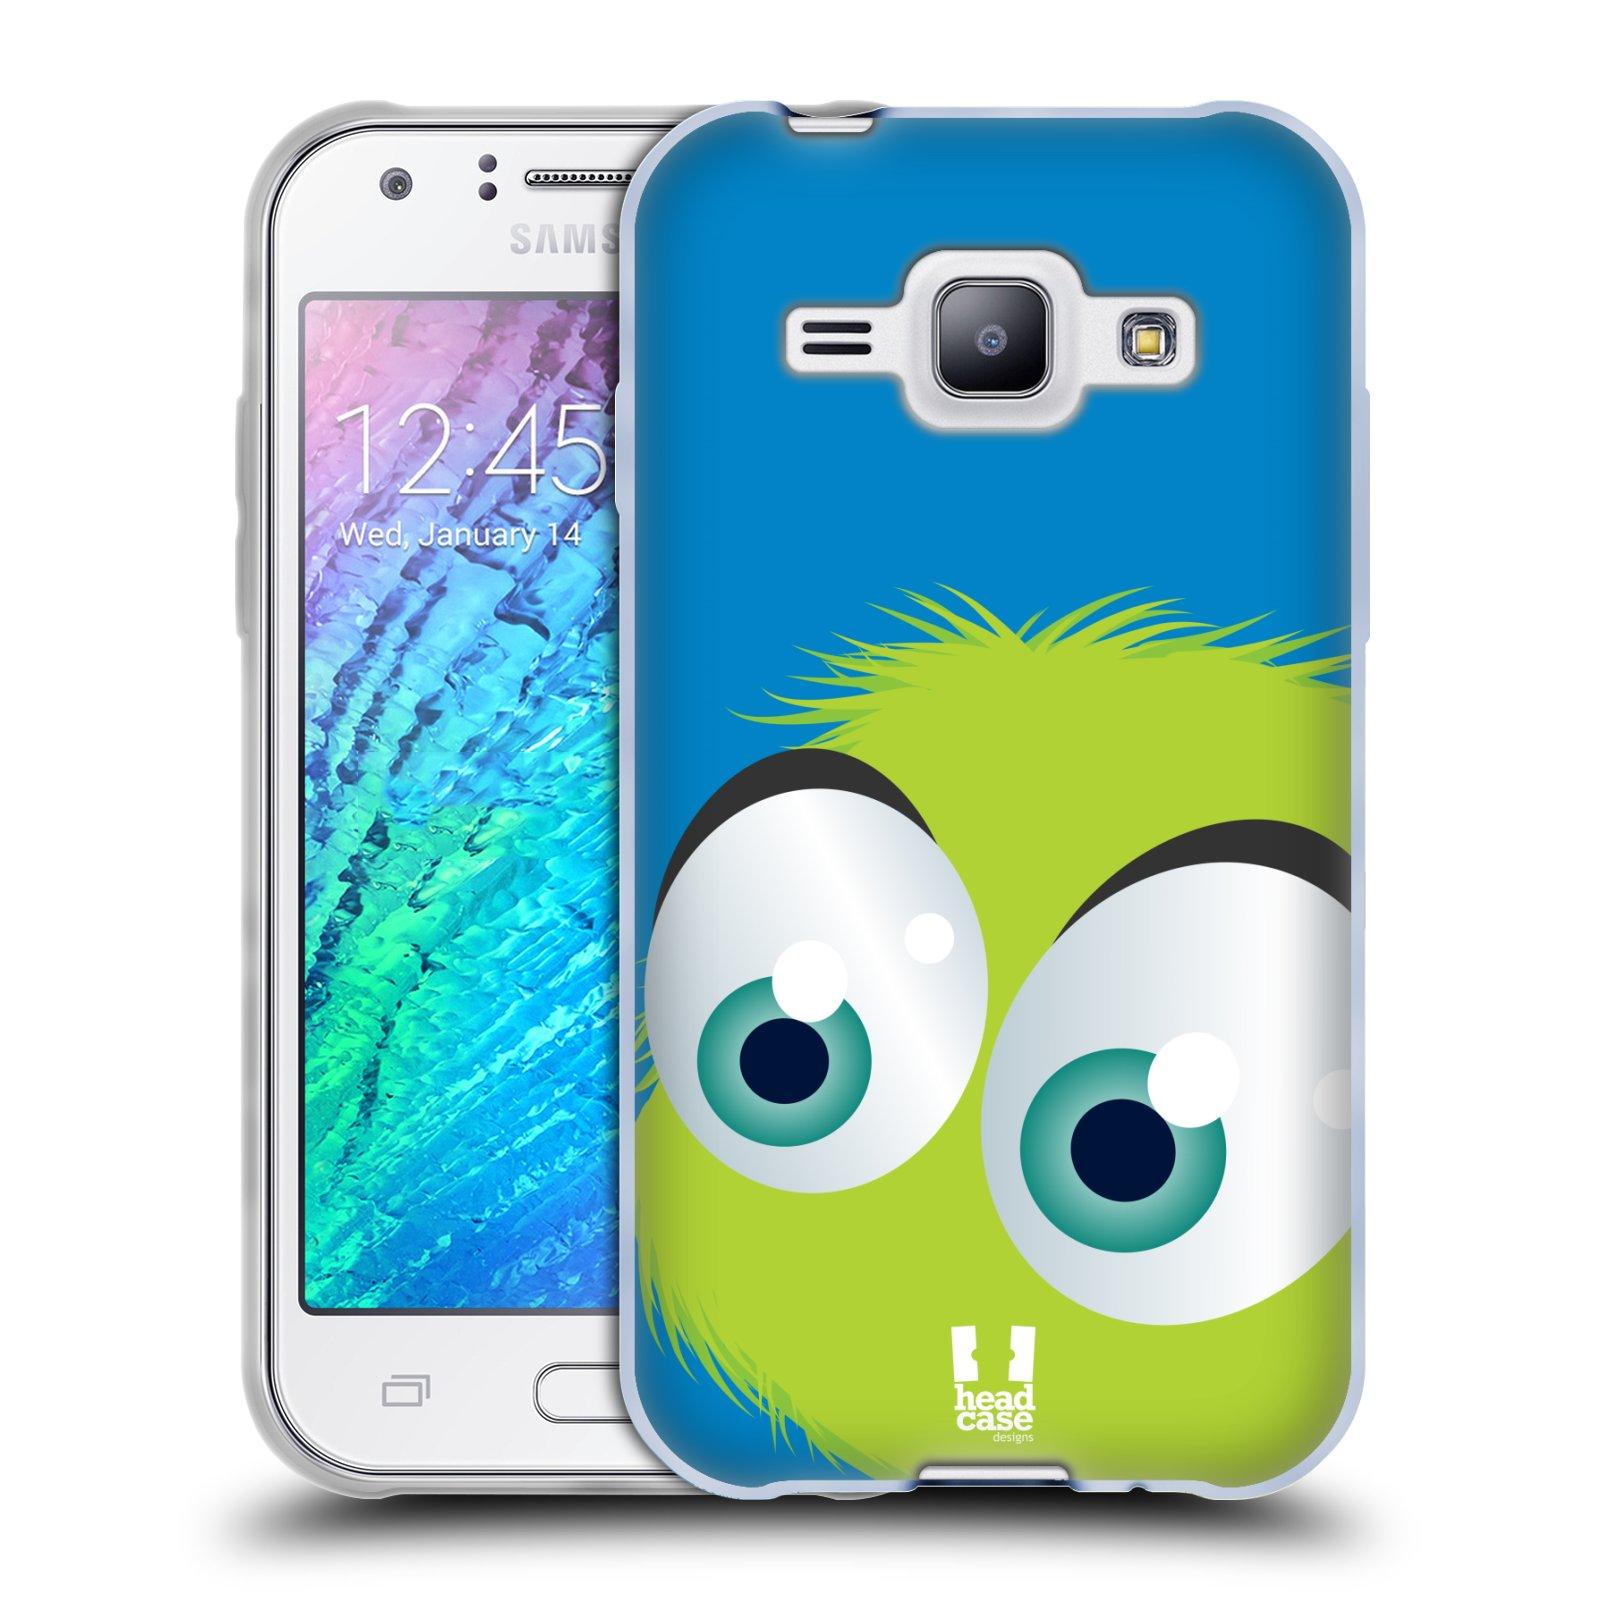 Silikonové pouzdro na mobil Samsung Galaxy J1 HEAD CASE FUZÍK ZELENÝ (Silikonový kryt či obal na mobilní telefon Samsung Galaxy J1 a J1 Duos)